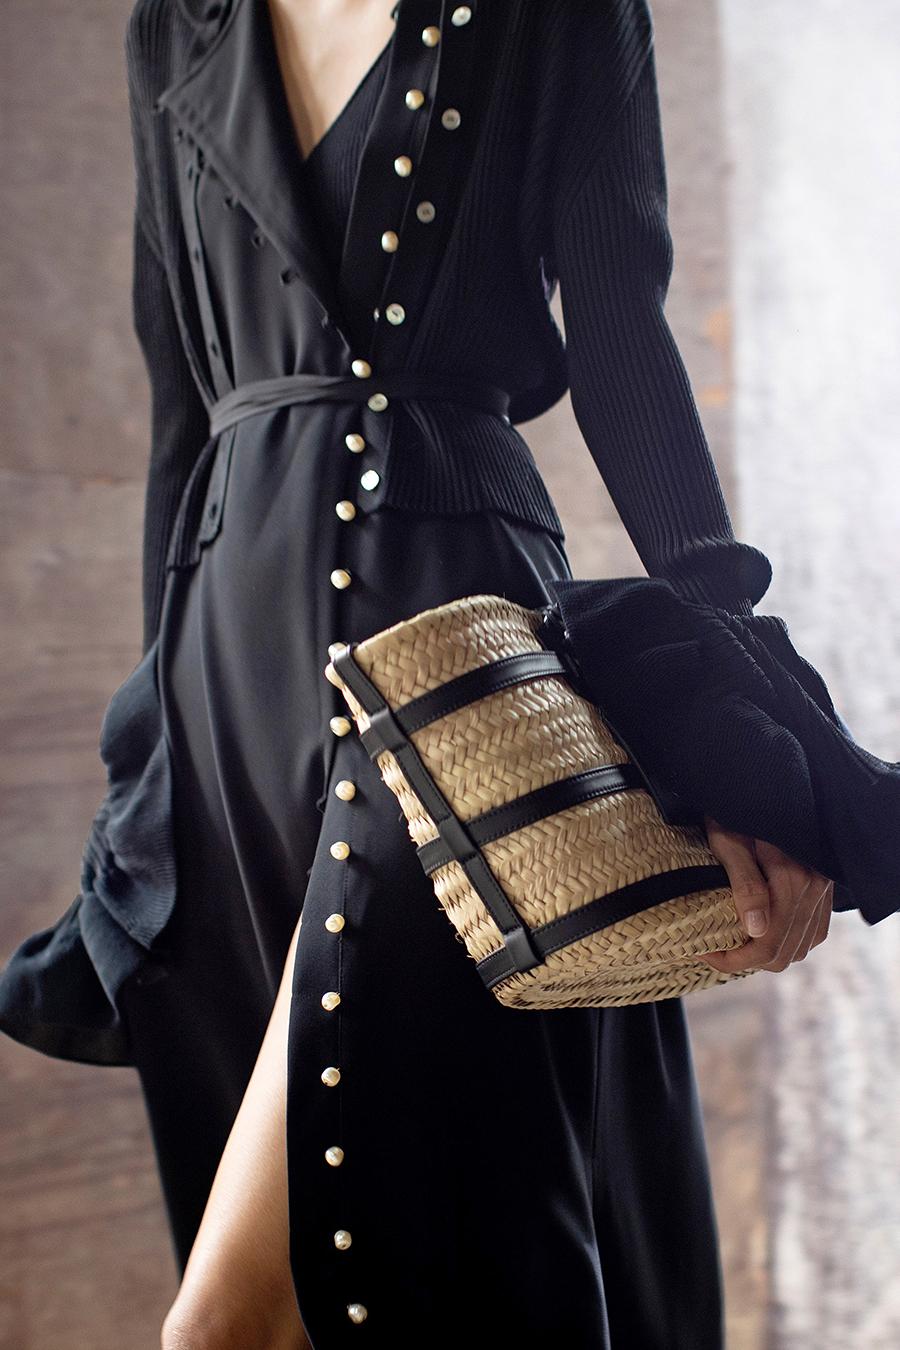 модная женская сумка лето 2021 клатч тоут шоппер пауч из соломки